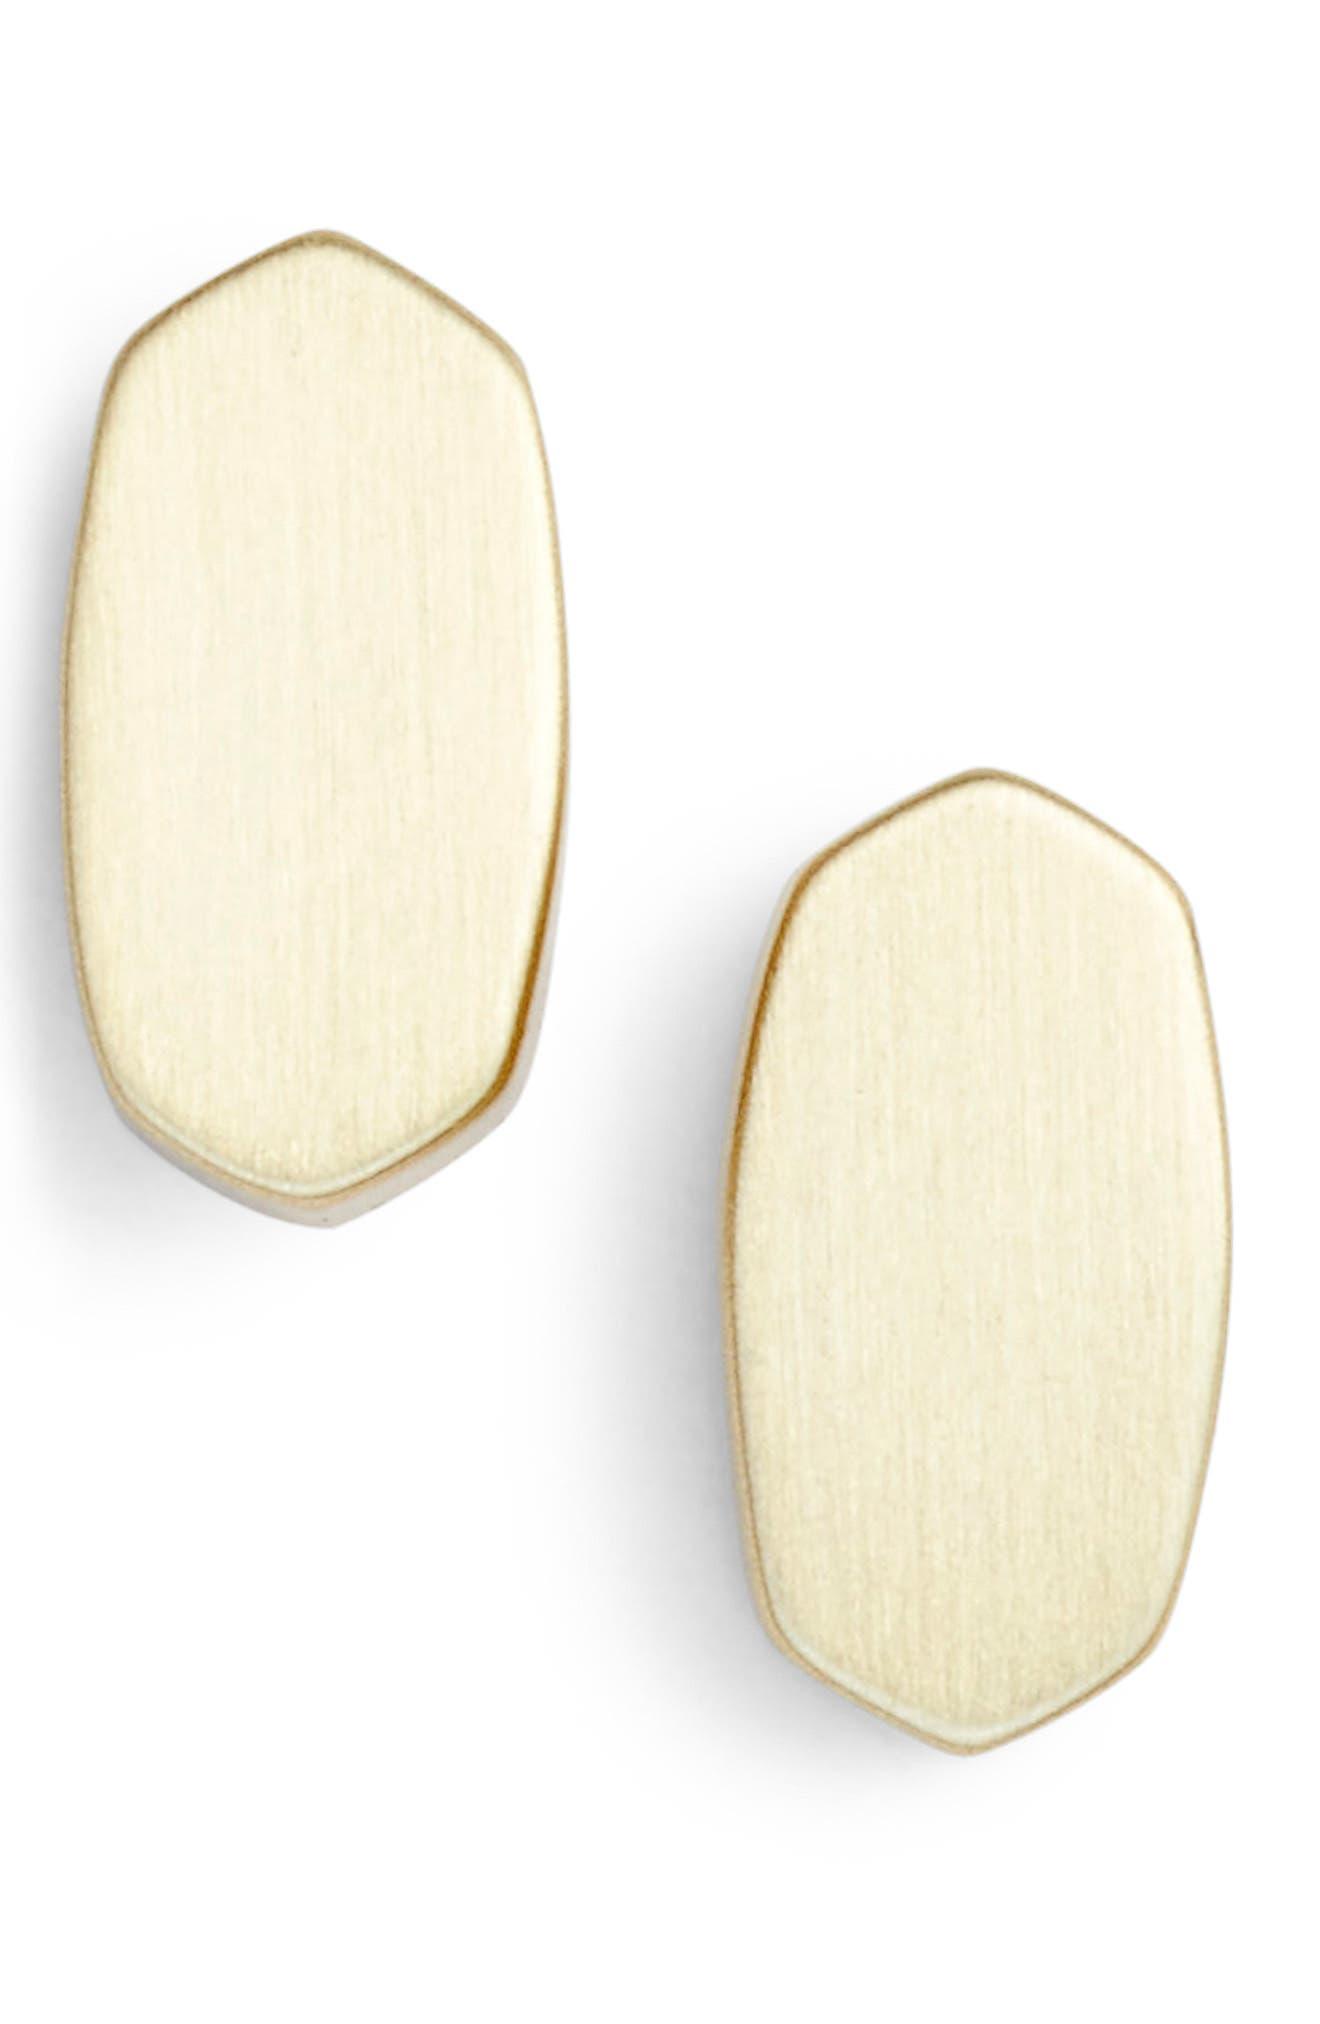 Barrett Stud Earrings in Gold